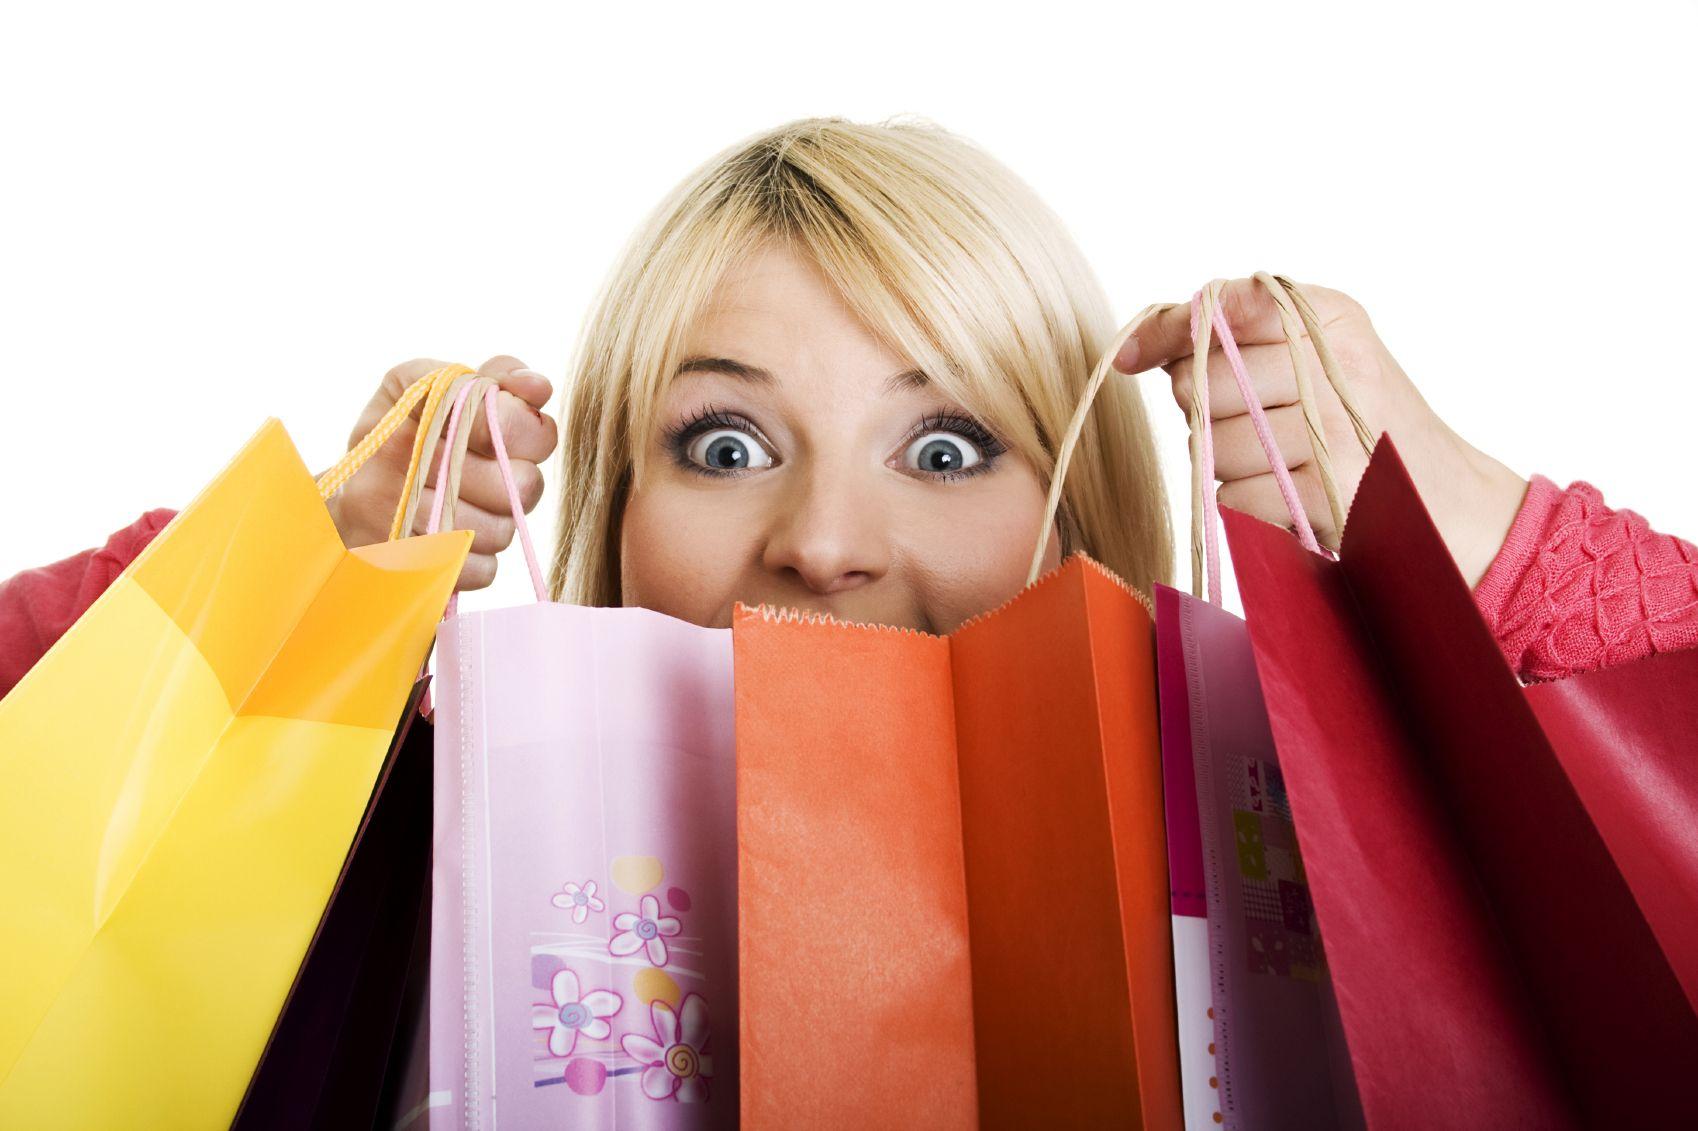 Saldi: la top ten delle borse da acquistare a prezzo scontato